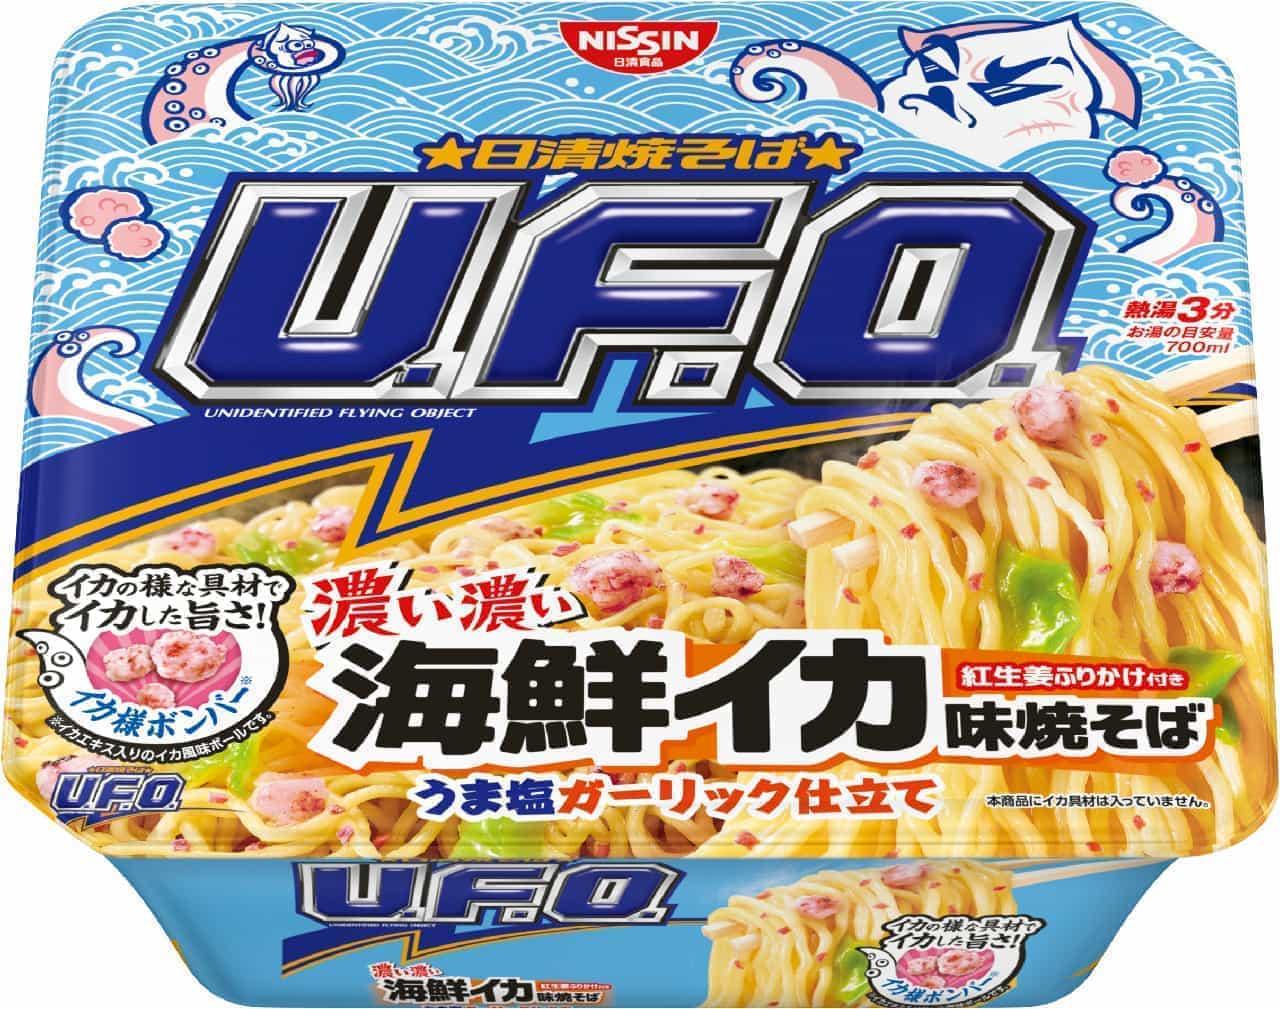 日清食品「日清焼そばU.F.O. 濃い濃い海鮮イカ味焼そば うま塩ガーリック仕立て」